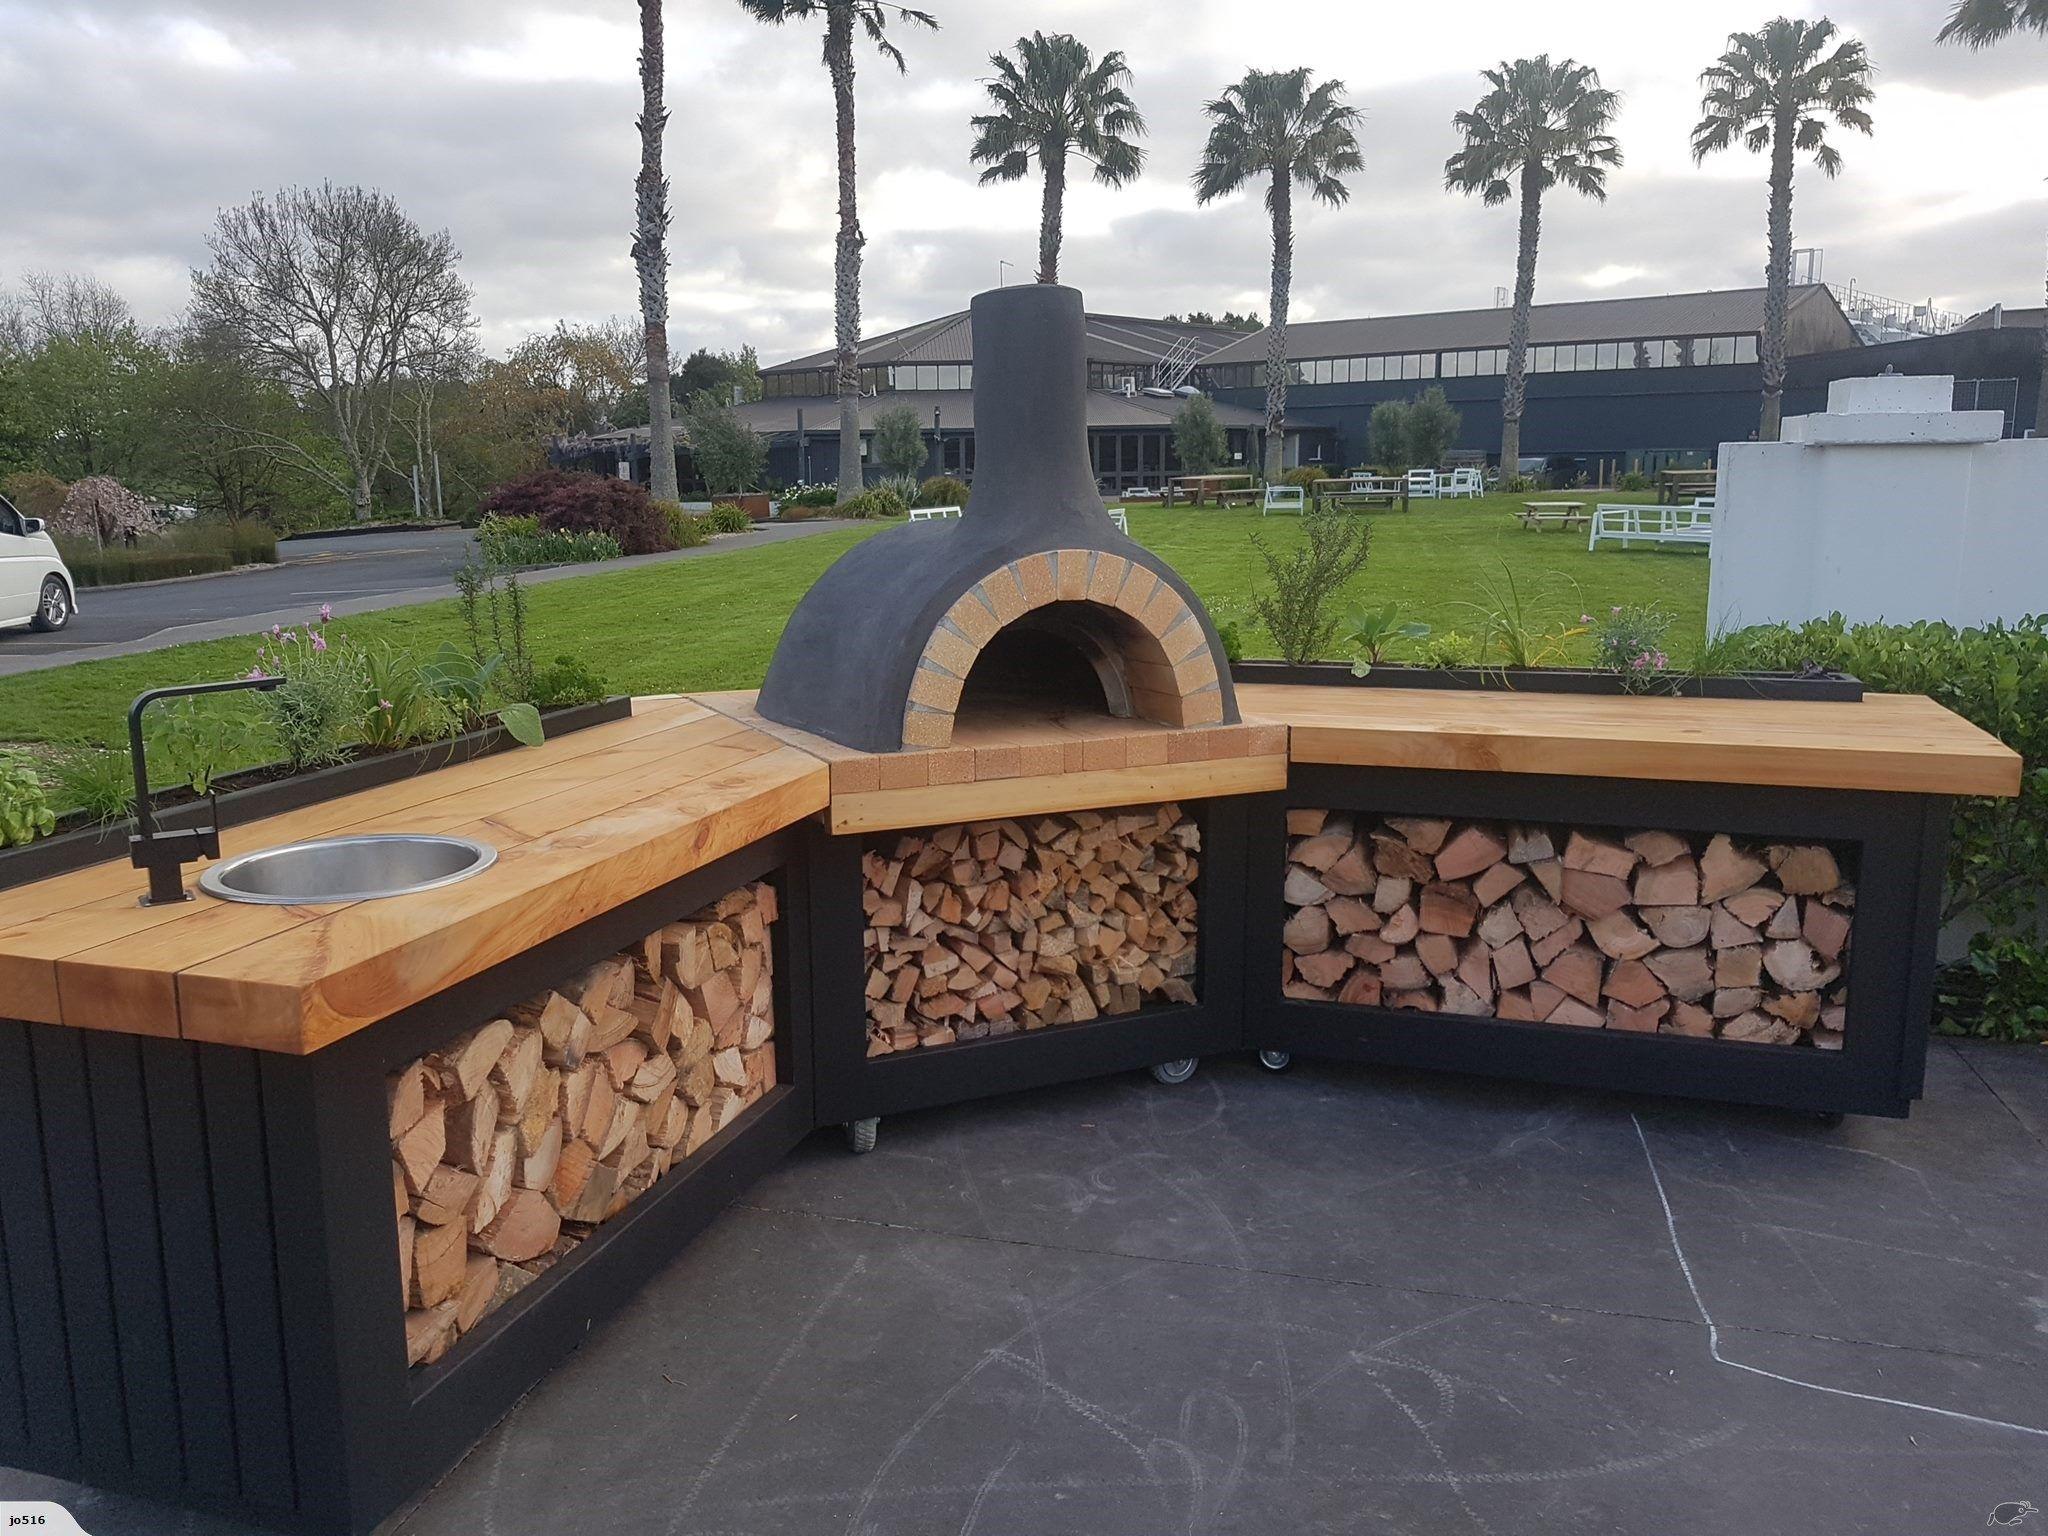 Dit Is Een Zeer Mooie Oven Maar Ook Het Idee Van Hout Stapelen Is Handig Als Je Binnen In Je Huis Een Pizza Oven Outdoor Pizza Oven Outdoor Kitchen Pizza Oven